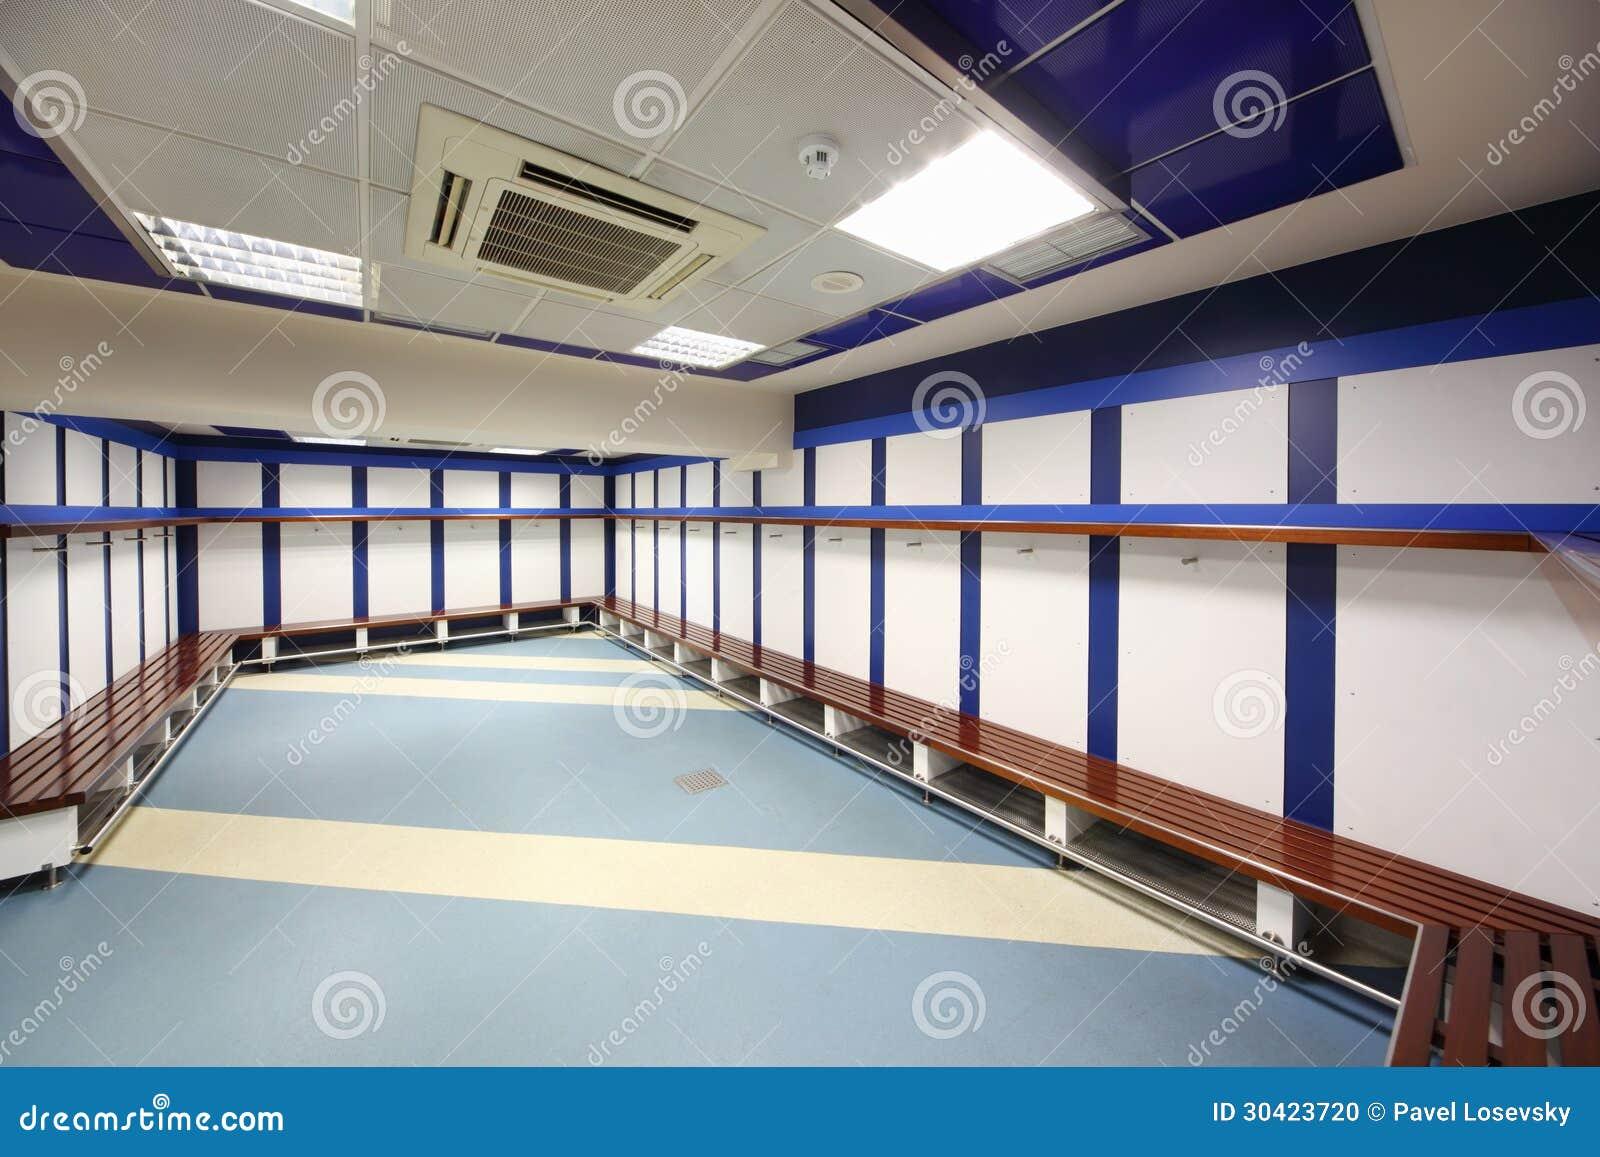 Kleedkamer in santiago bernabeu stadium redactionele afbeelding afbeelding 30423720 - Plan slaapkamer kleedkamer ...